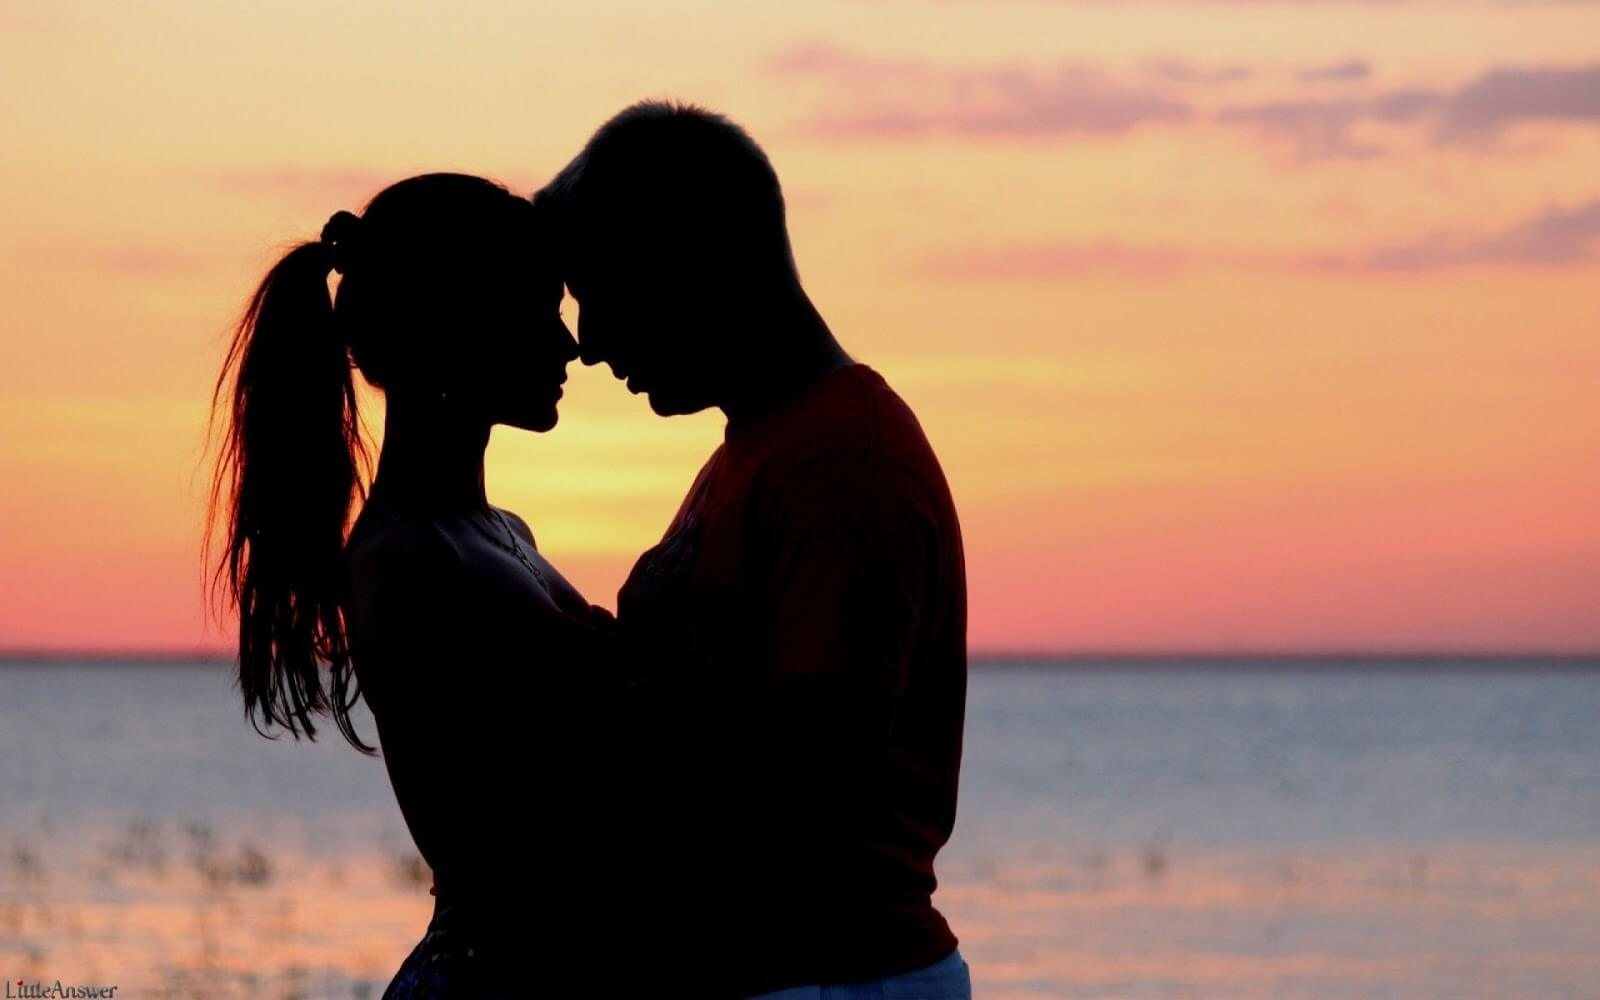 Se você fizer isso em seu relacionamento, tudo irá melhorar